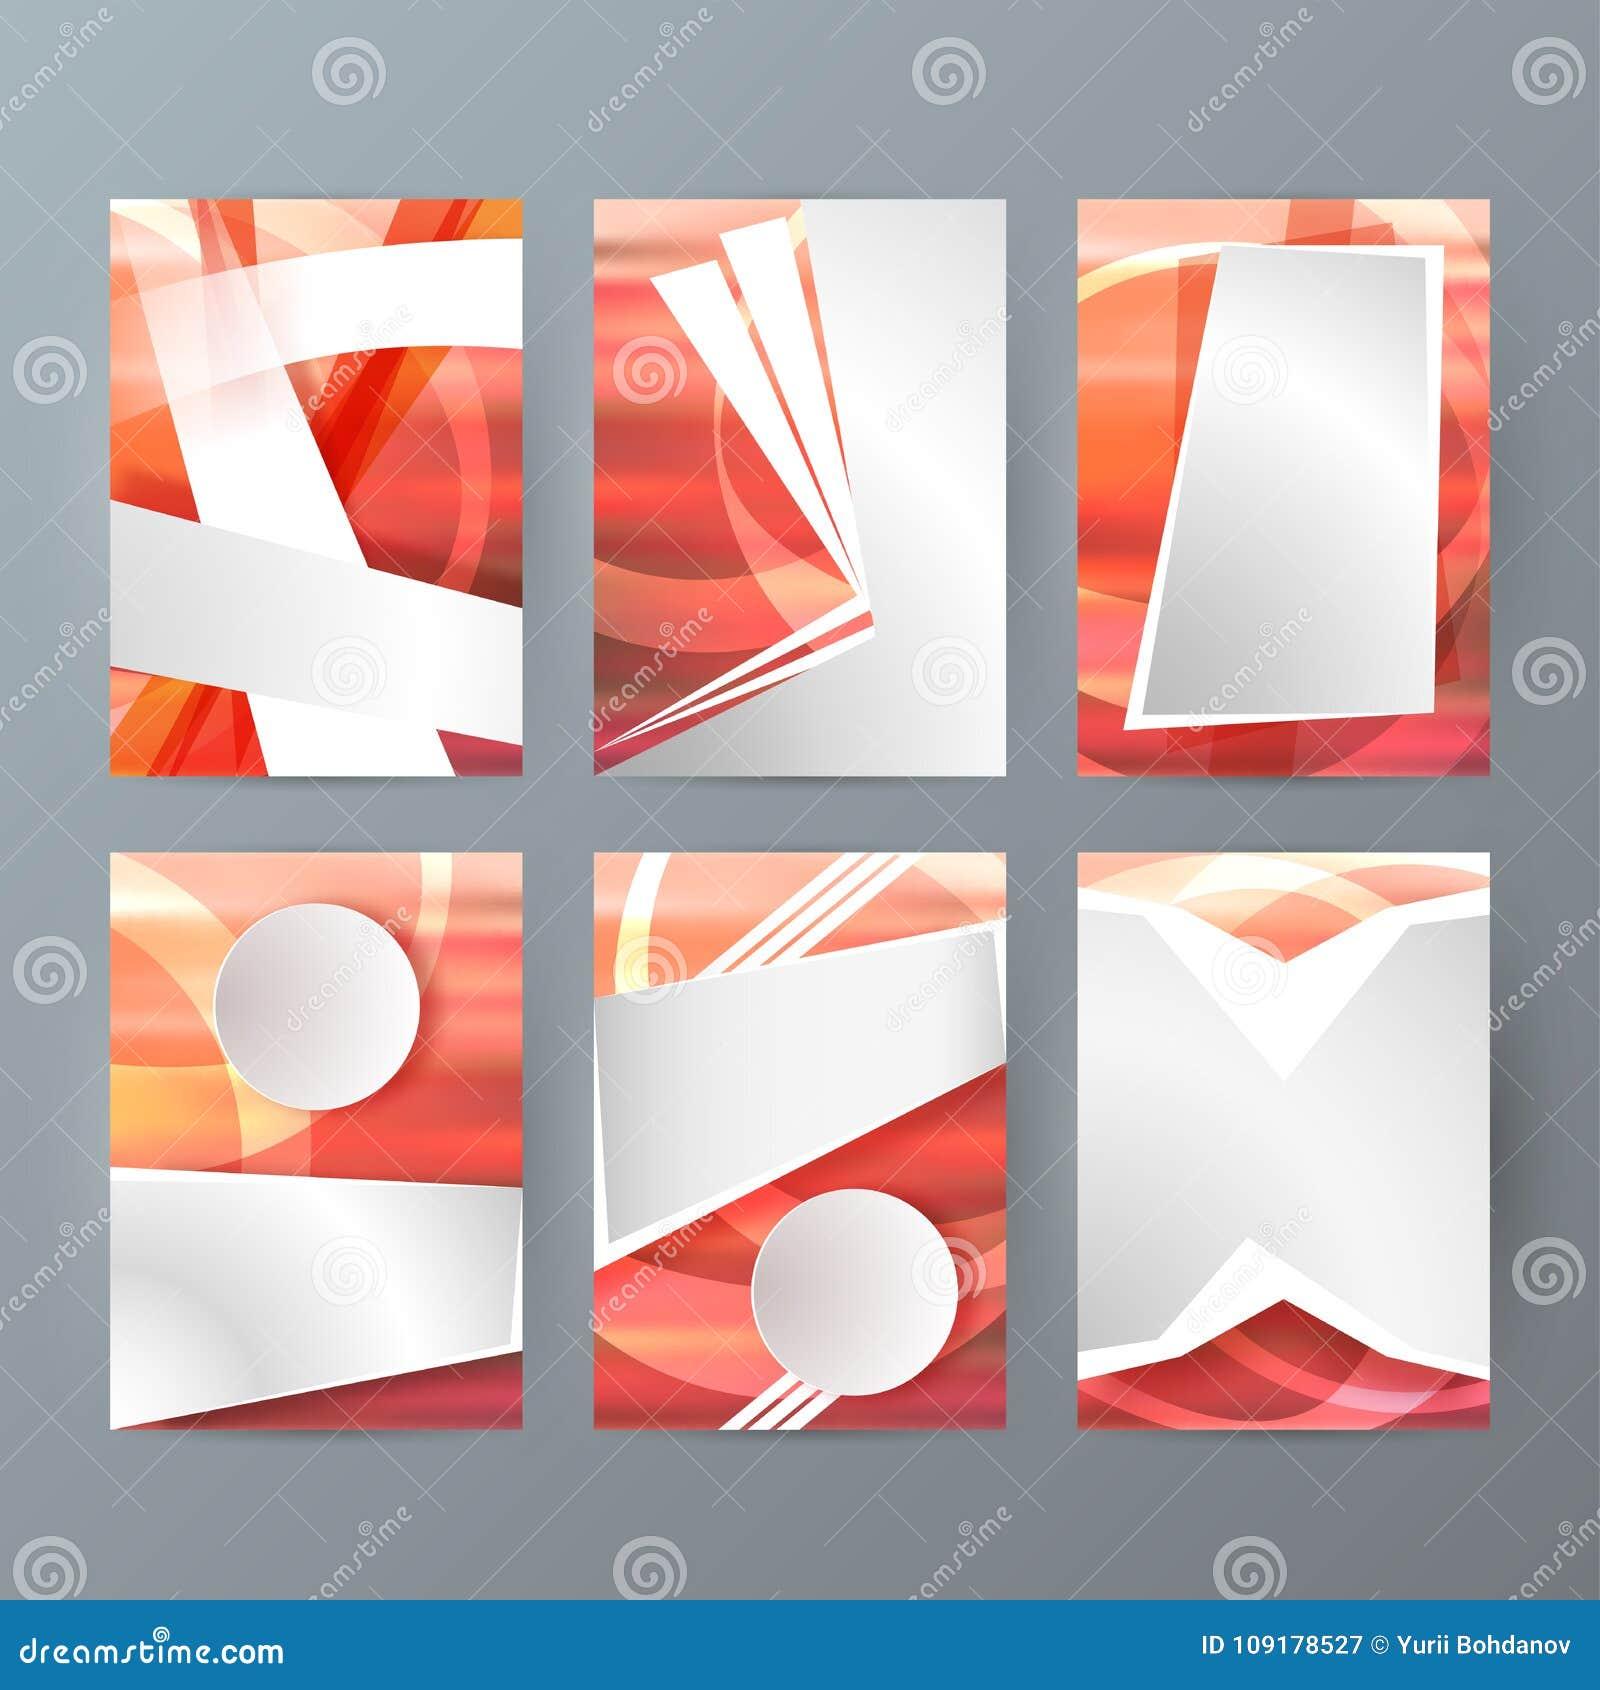 Sistema de plantillas del diseño del folleto A4 con modo abstracto geométrico